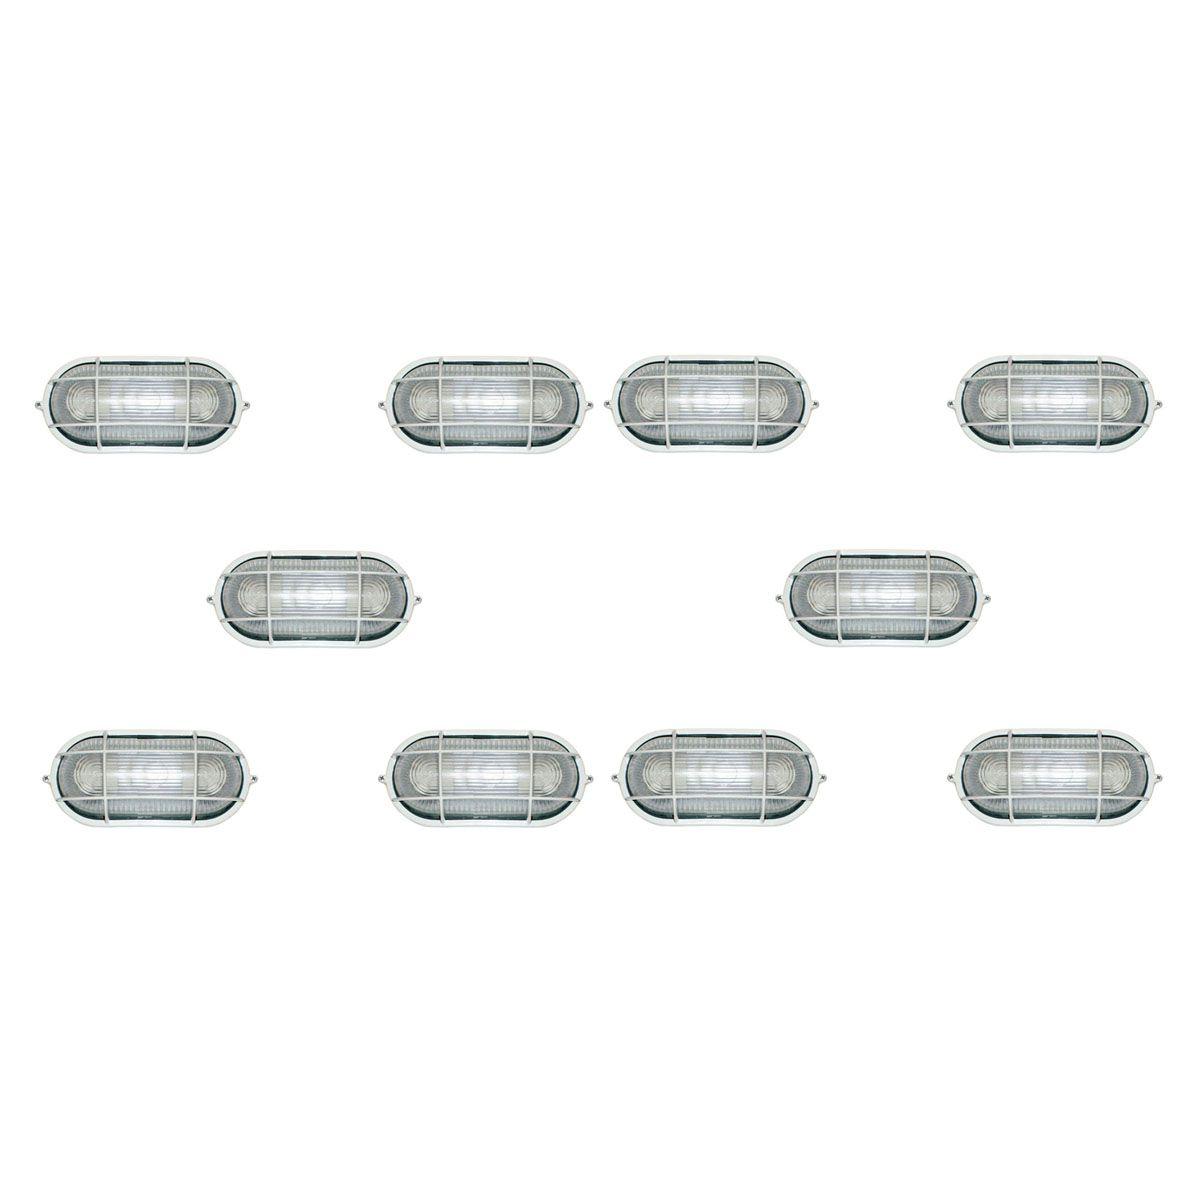 Tartaruga Oval 20cm Aluminio Pint. Epoxi E-27 1 Lamp. Max 60w C/ Grade Branca 10 unidades